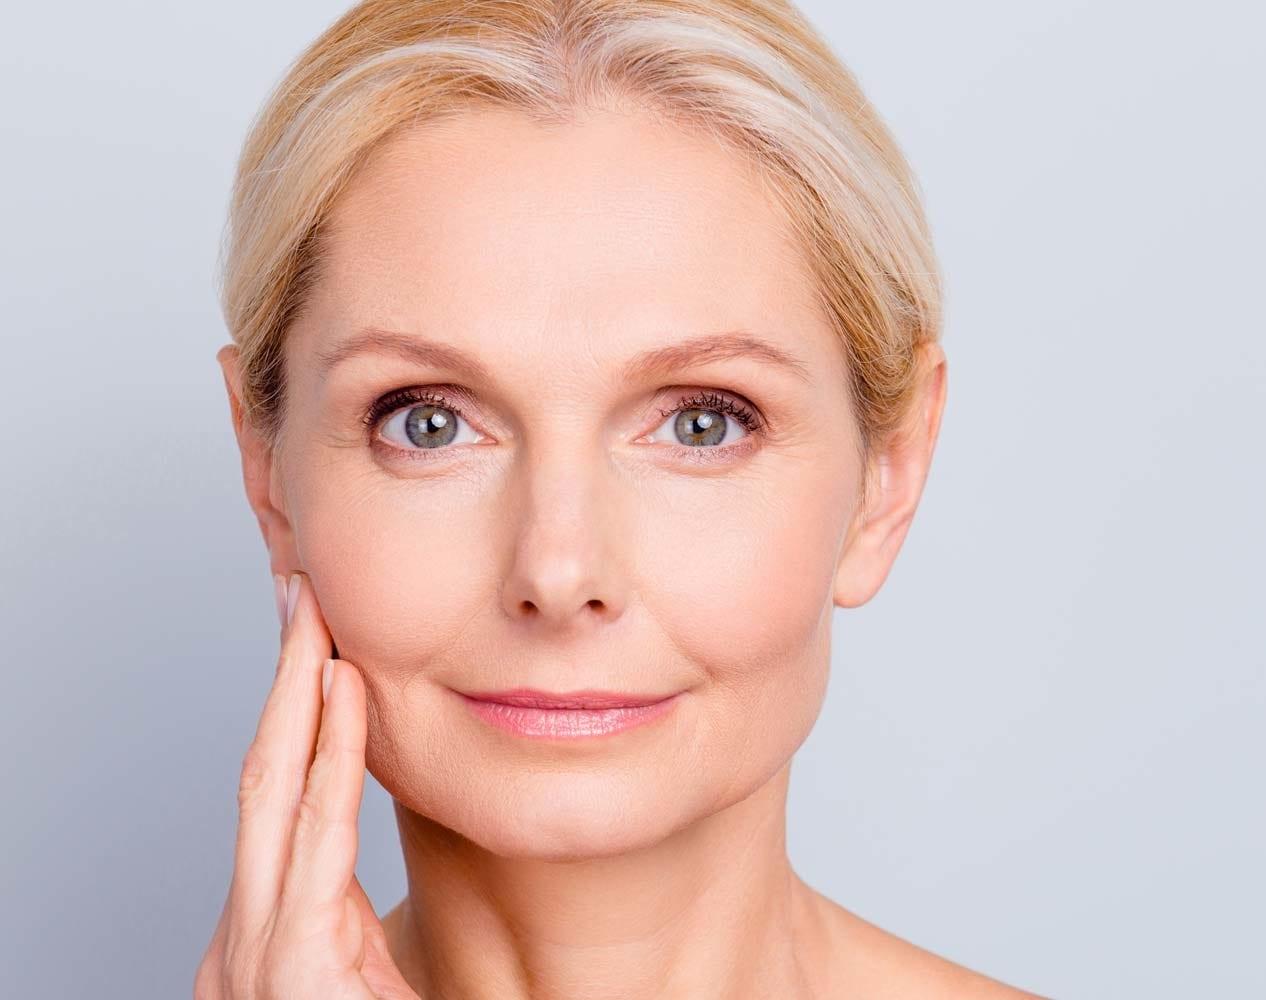 Trikwan - Obagi Anti Ageing and Skin Brightening Facial